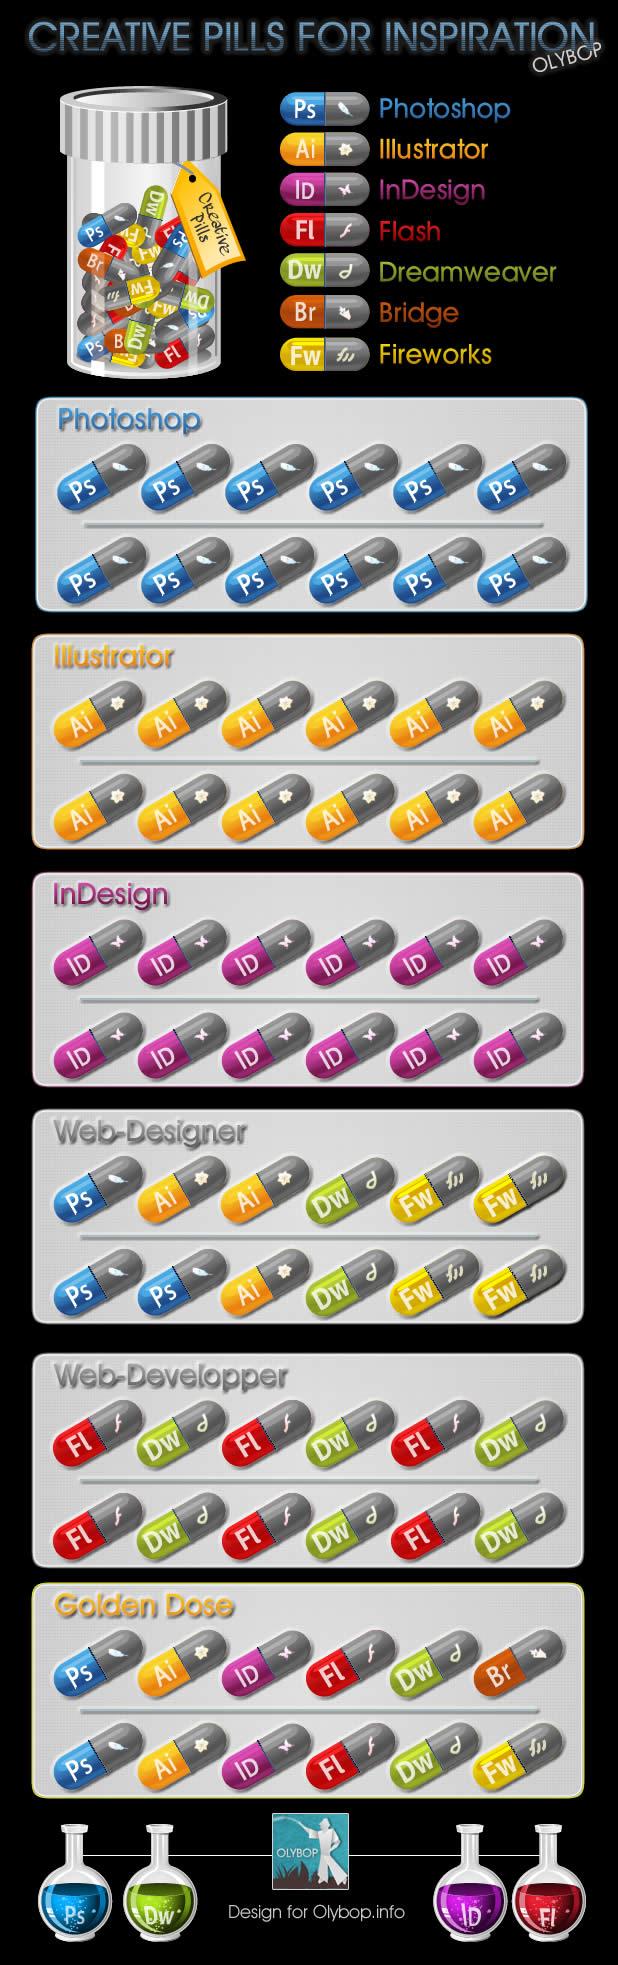 Des petites pilules magiques pour avoir de la créativité - Adobe Pills 2